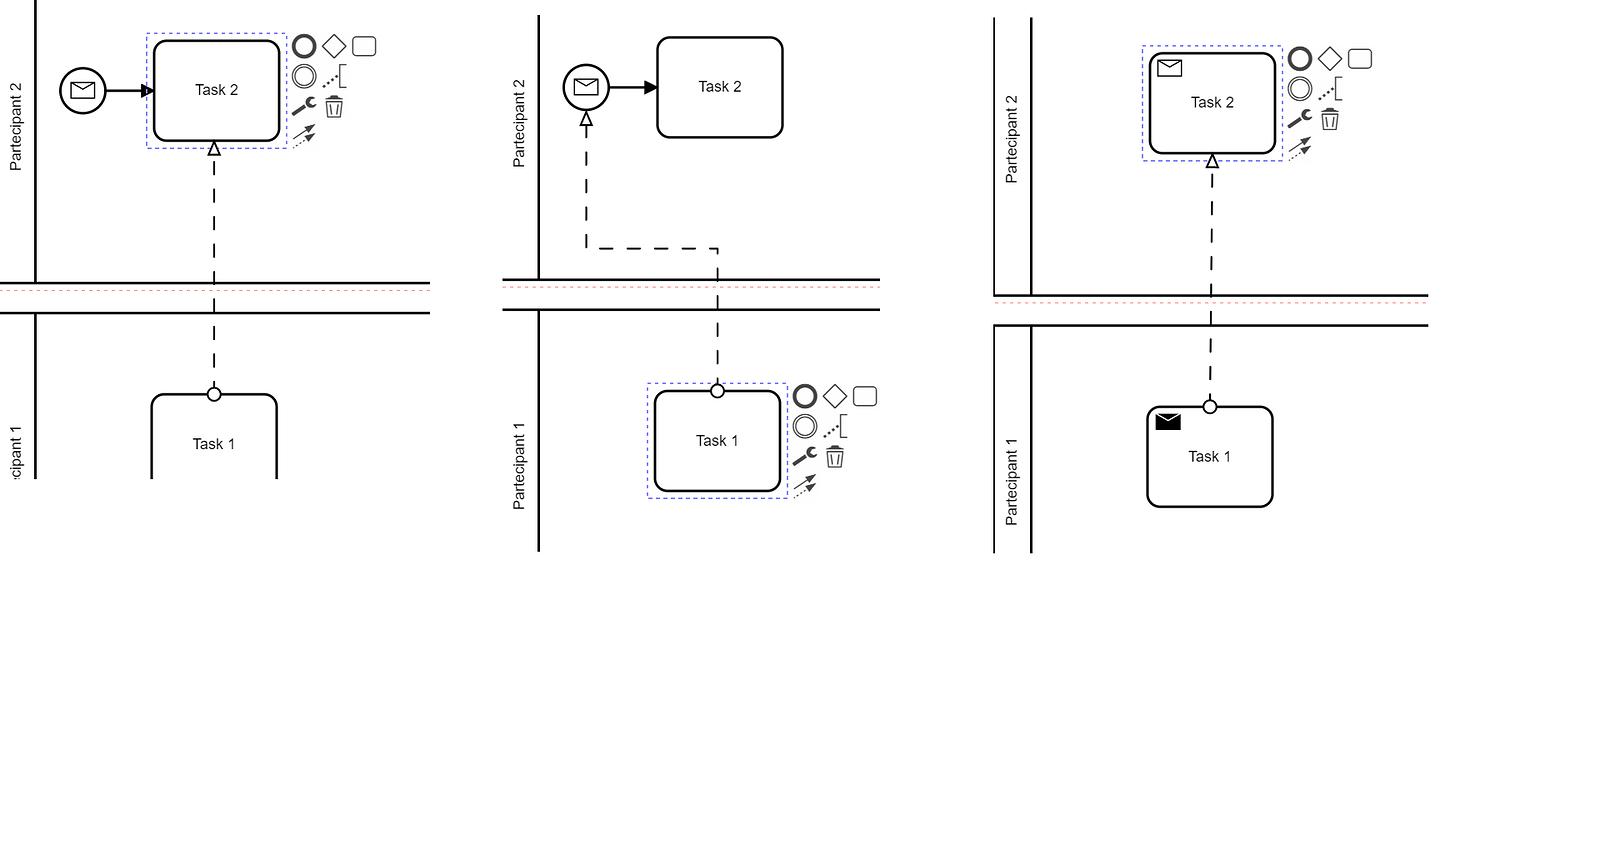 TaskType